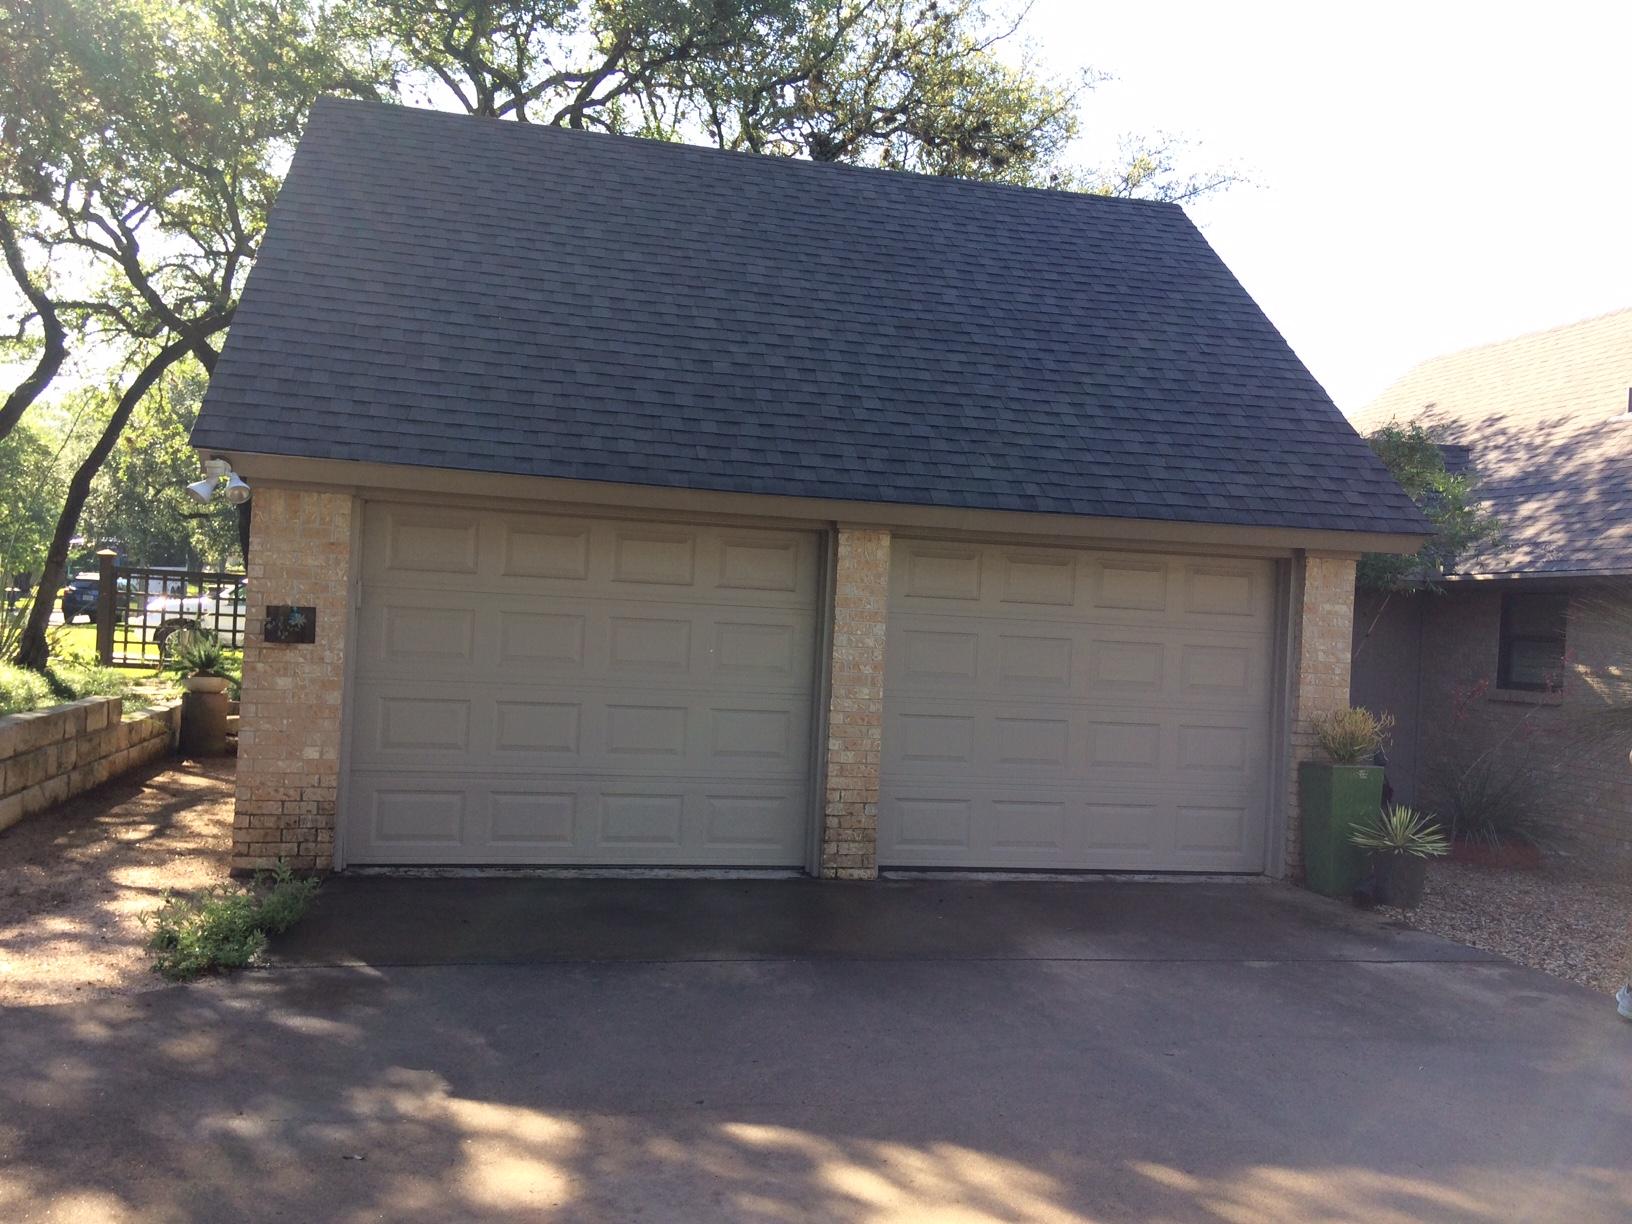 Garages Of Texas: My Northern Garden